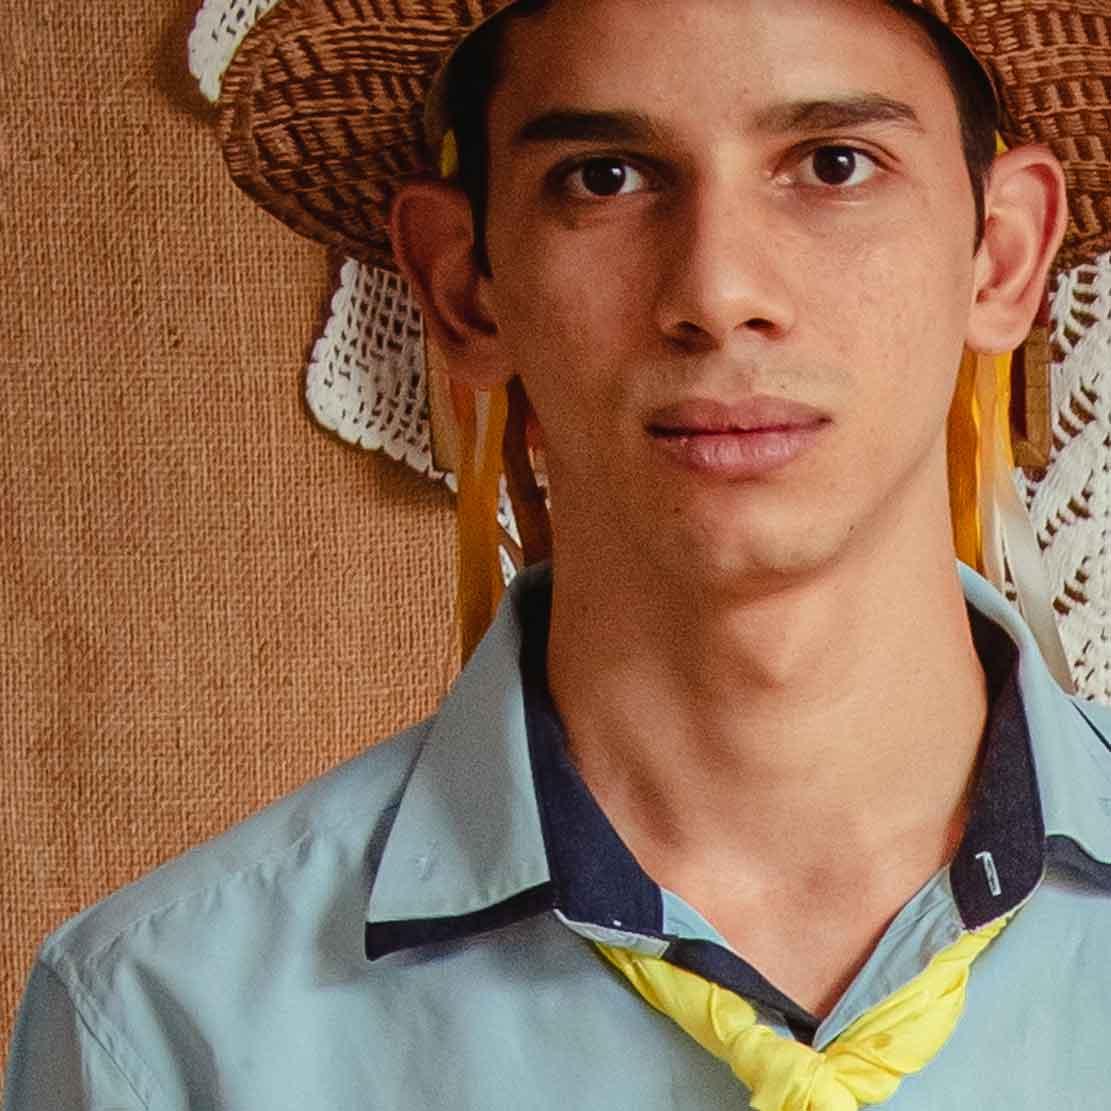 Pedro Gomide